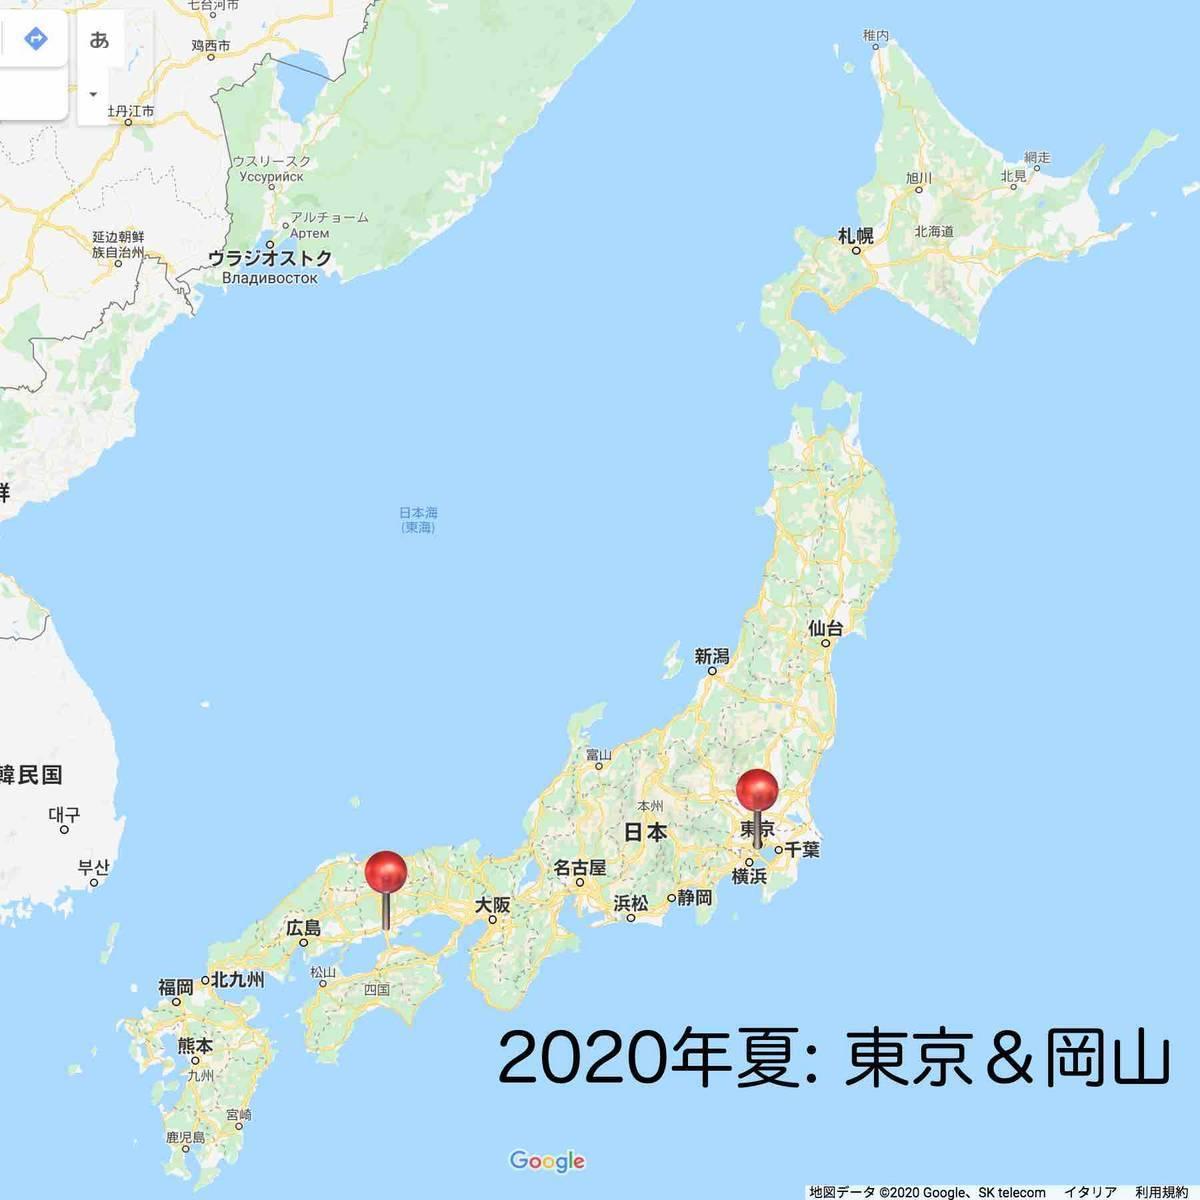 f:id:kaedetaniyoshi:20200626181833j:plain